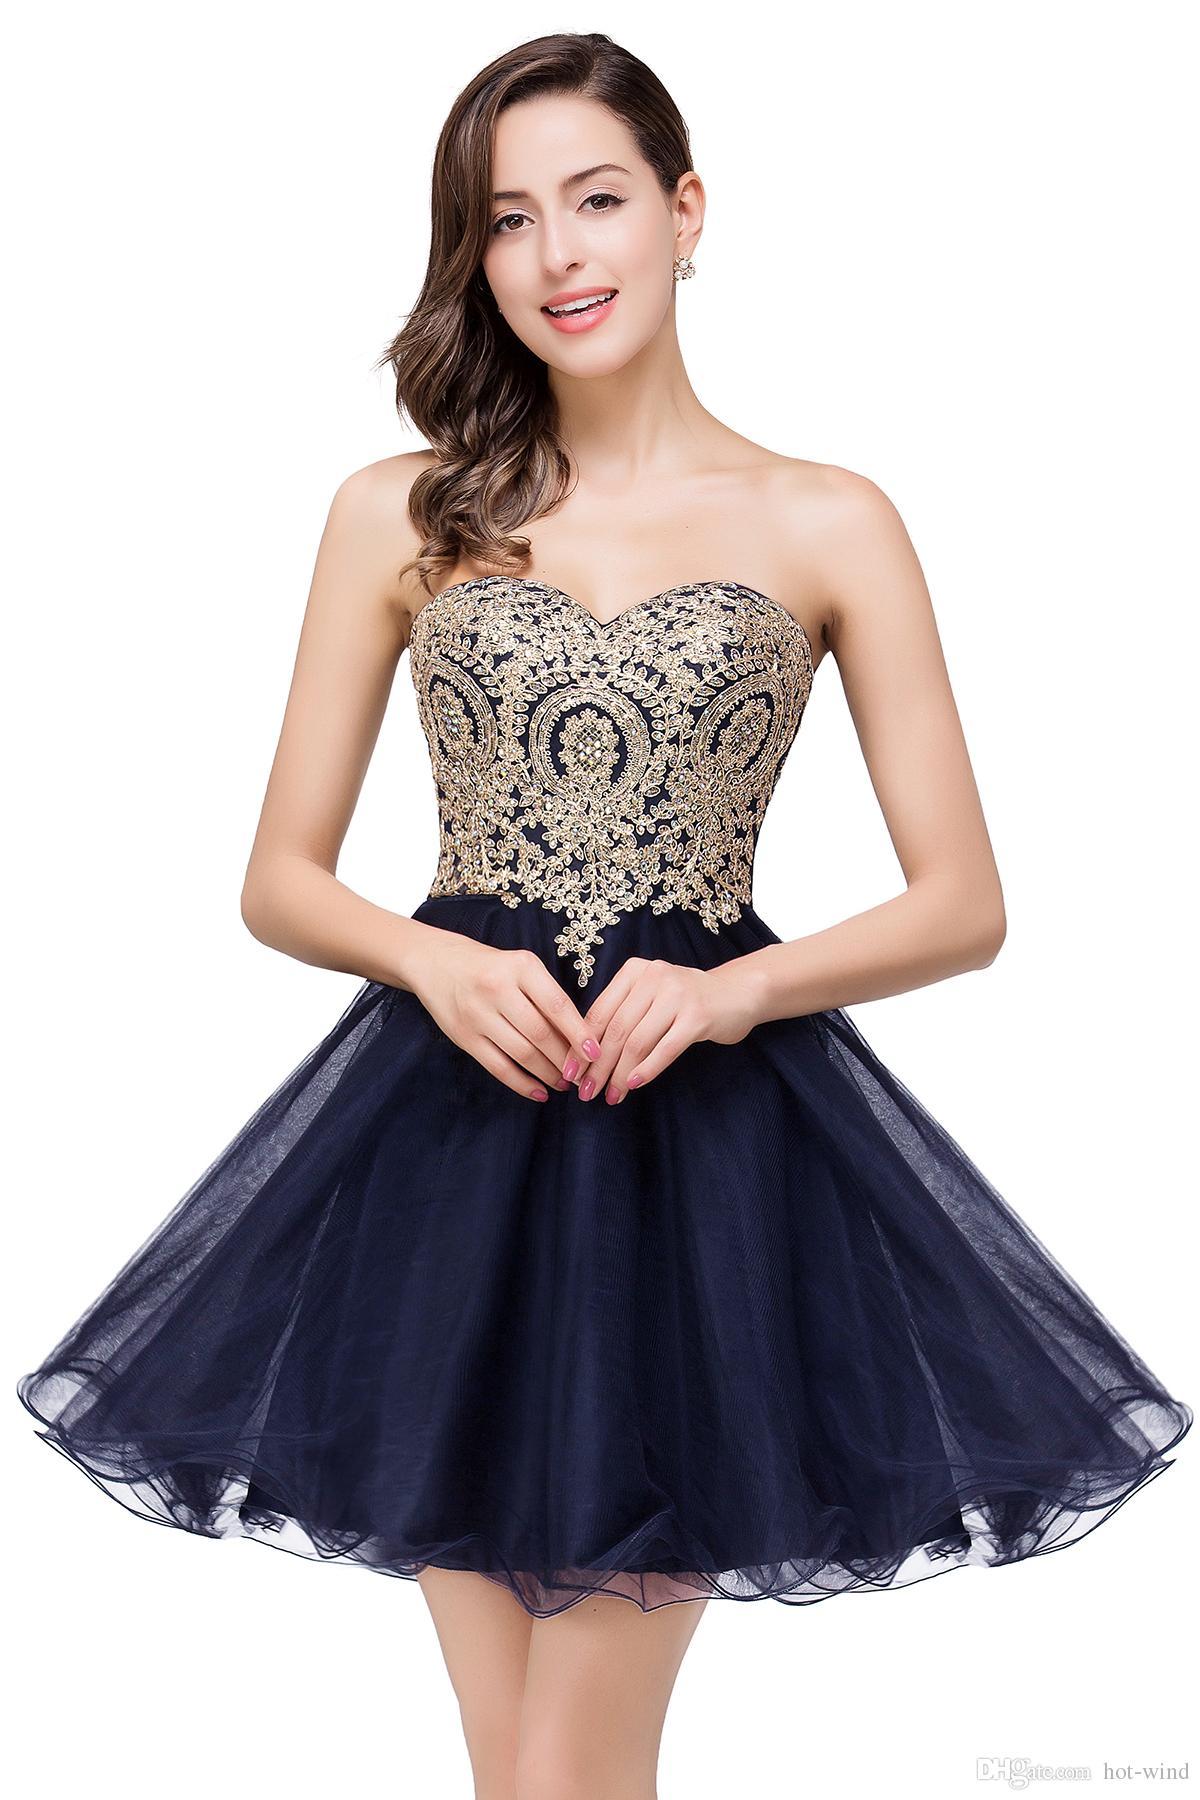 $ 39.9 Novo Barato 7 Cores Mini Curto Vestidos Homecoming 2020 Little Black Lace Apliques de Tule Cocktail Borgonha Prom Party Vestidos CPS411